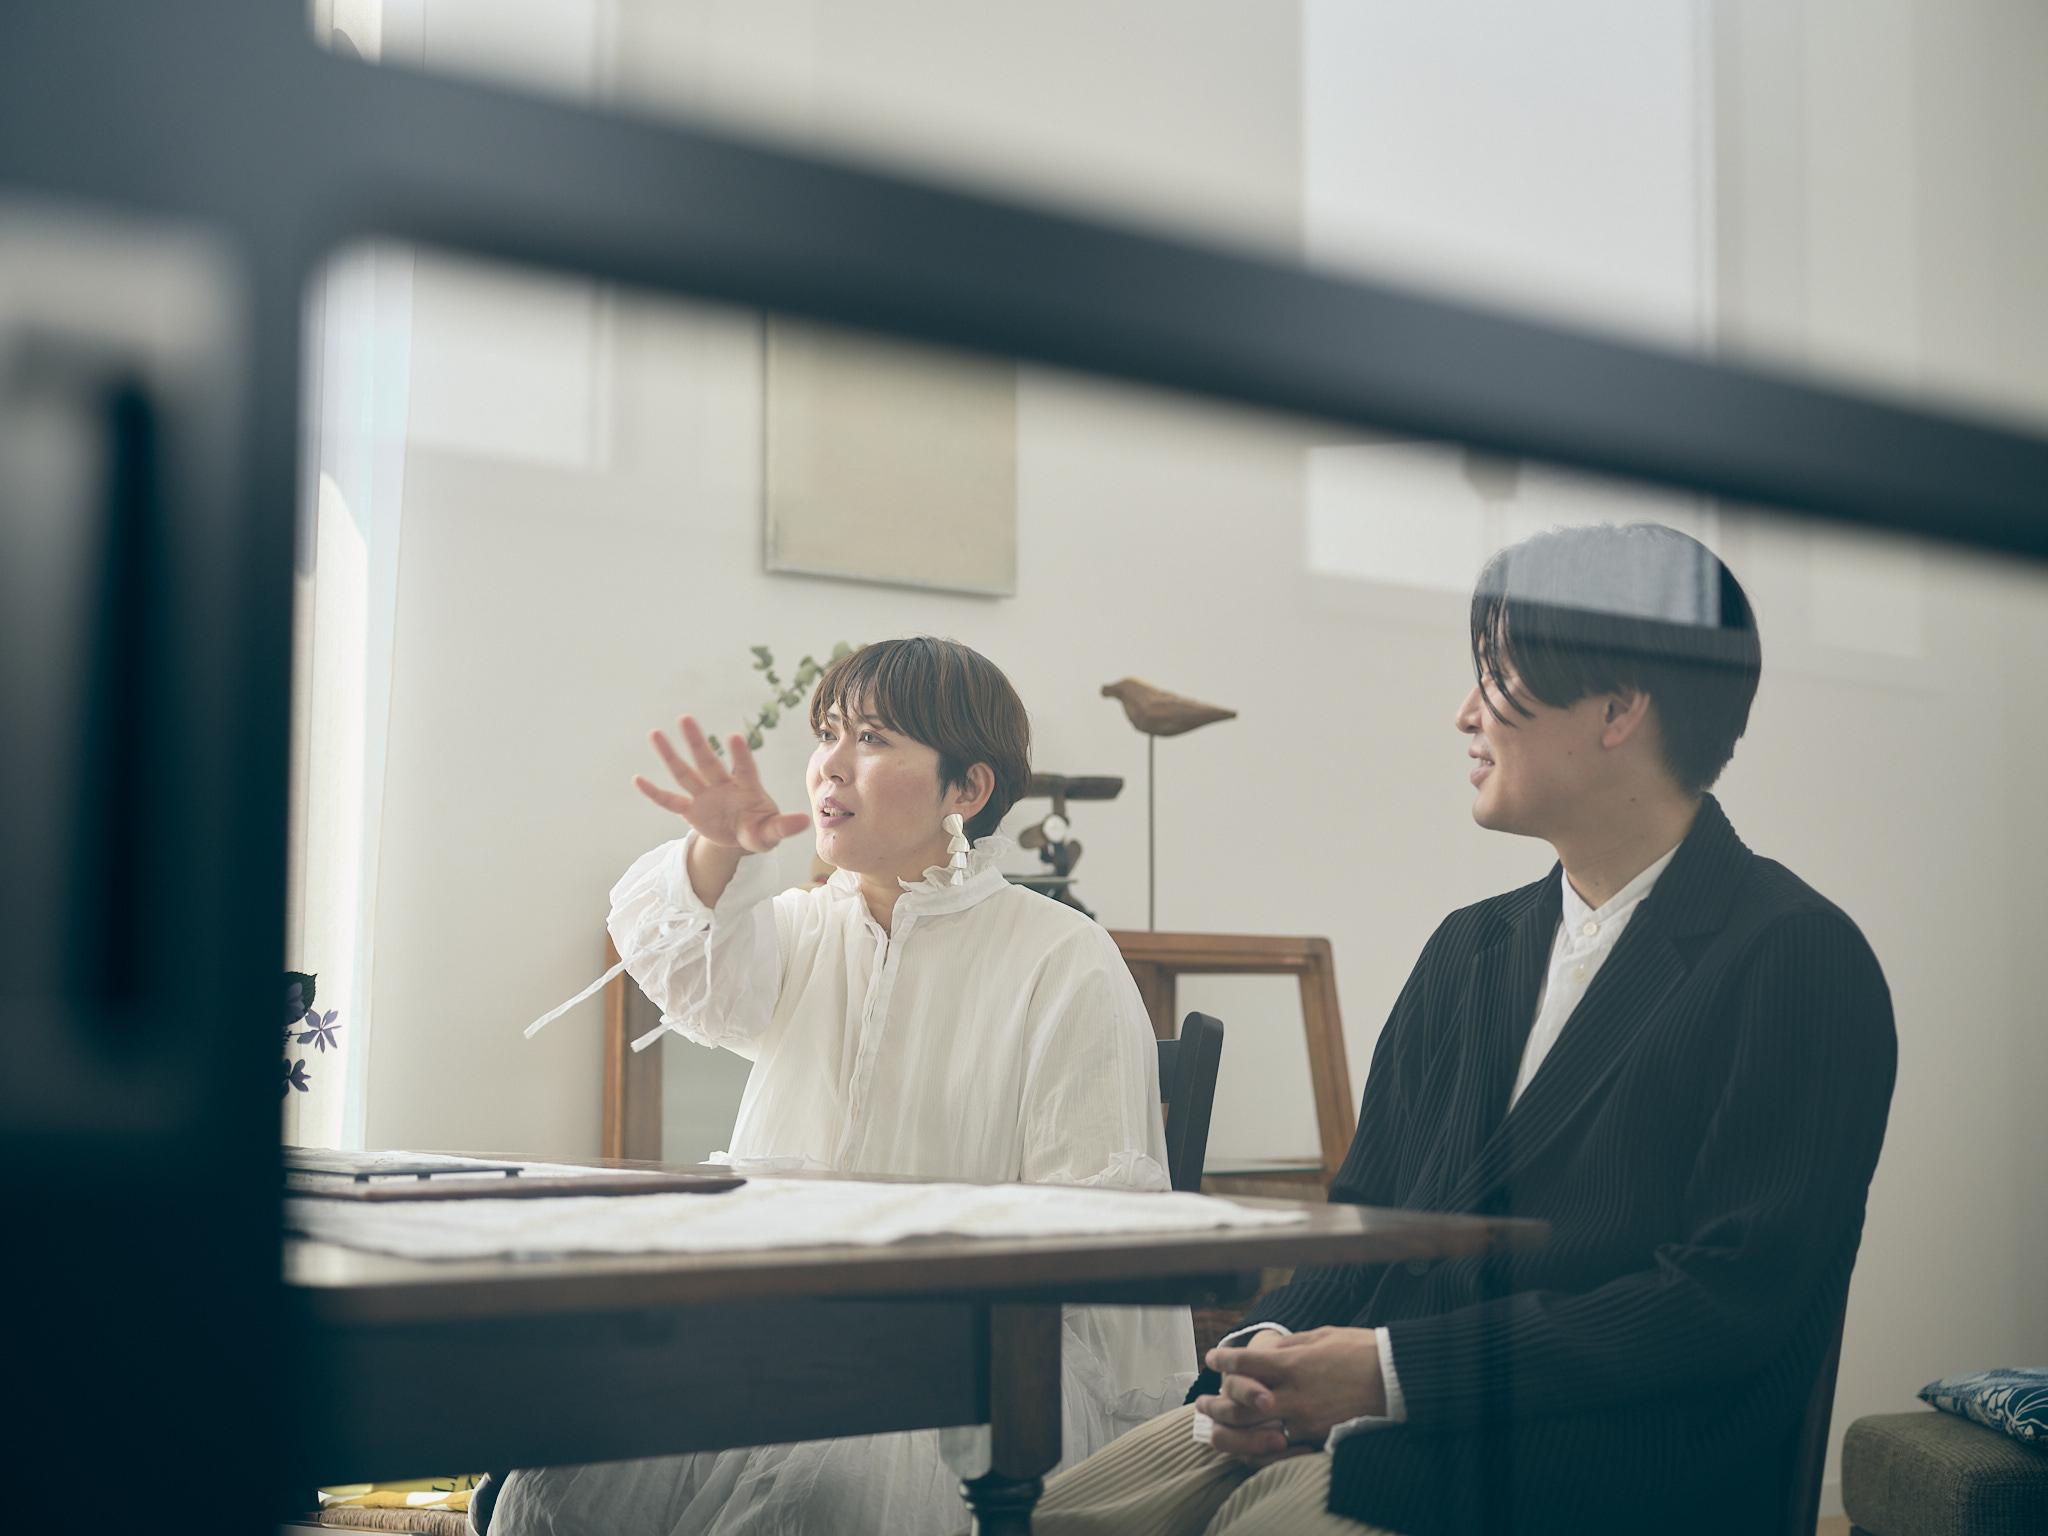 百貨店勤務のファッション好き夫妻が行き着いた、日本のプロダクトに溢れるコンパクトハウス(千葉県市川市)|みんなの部屋